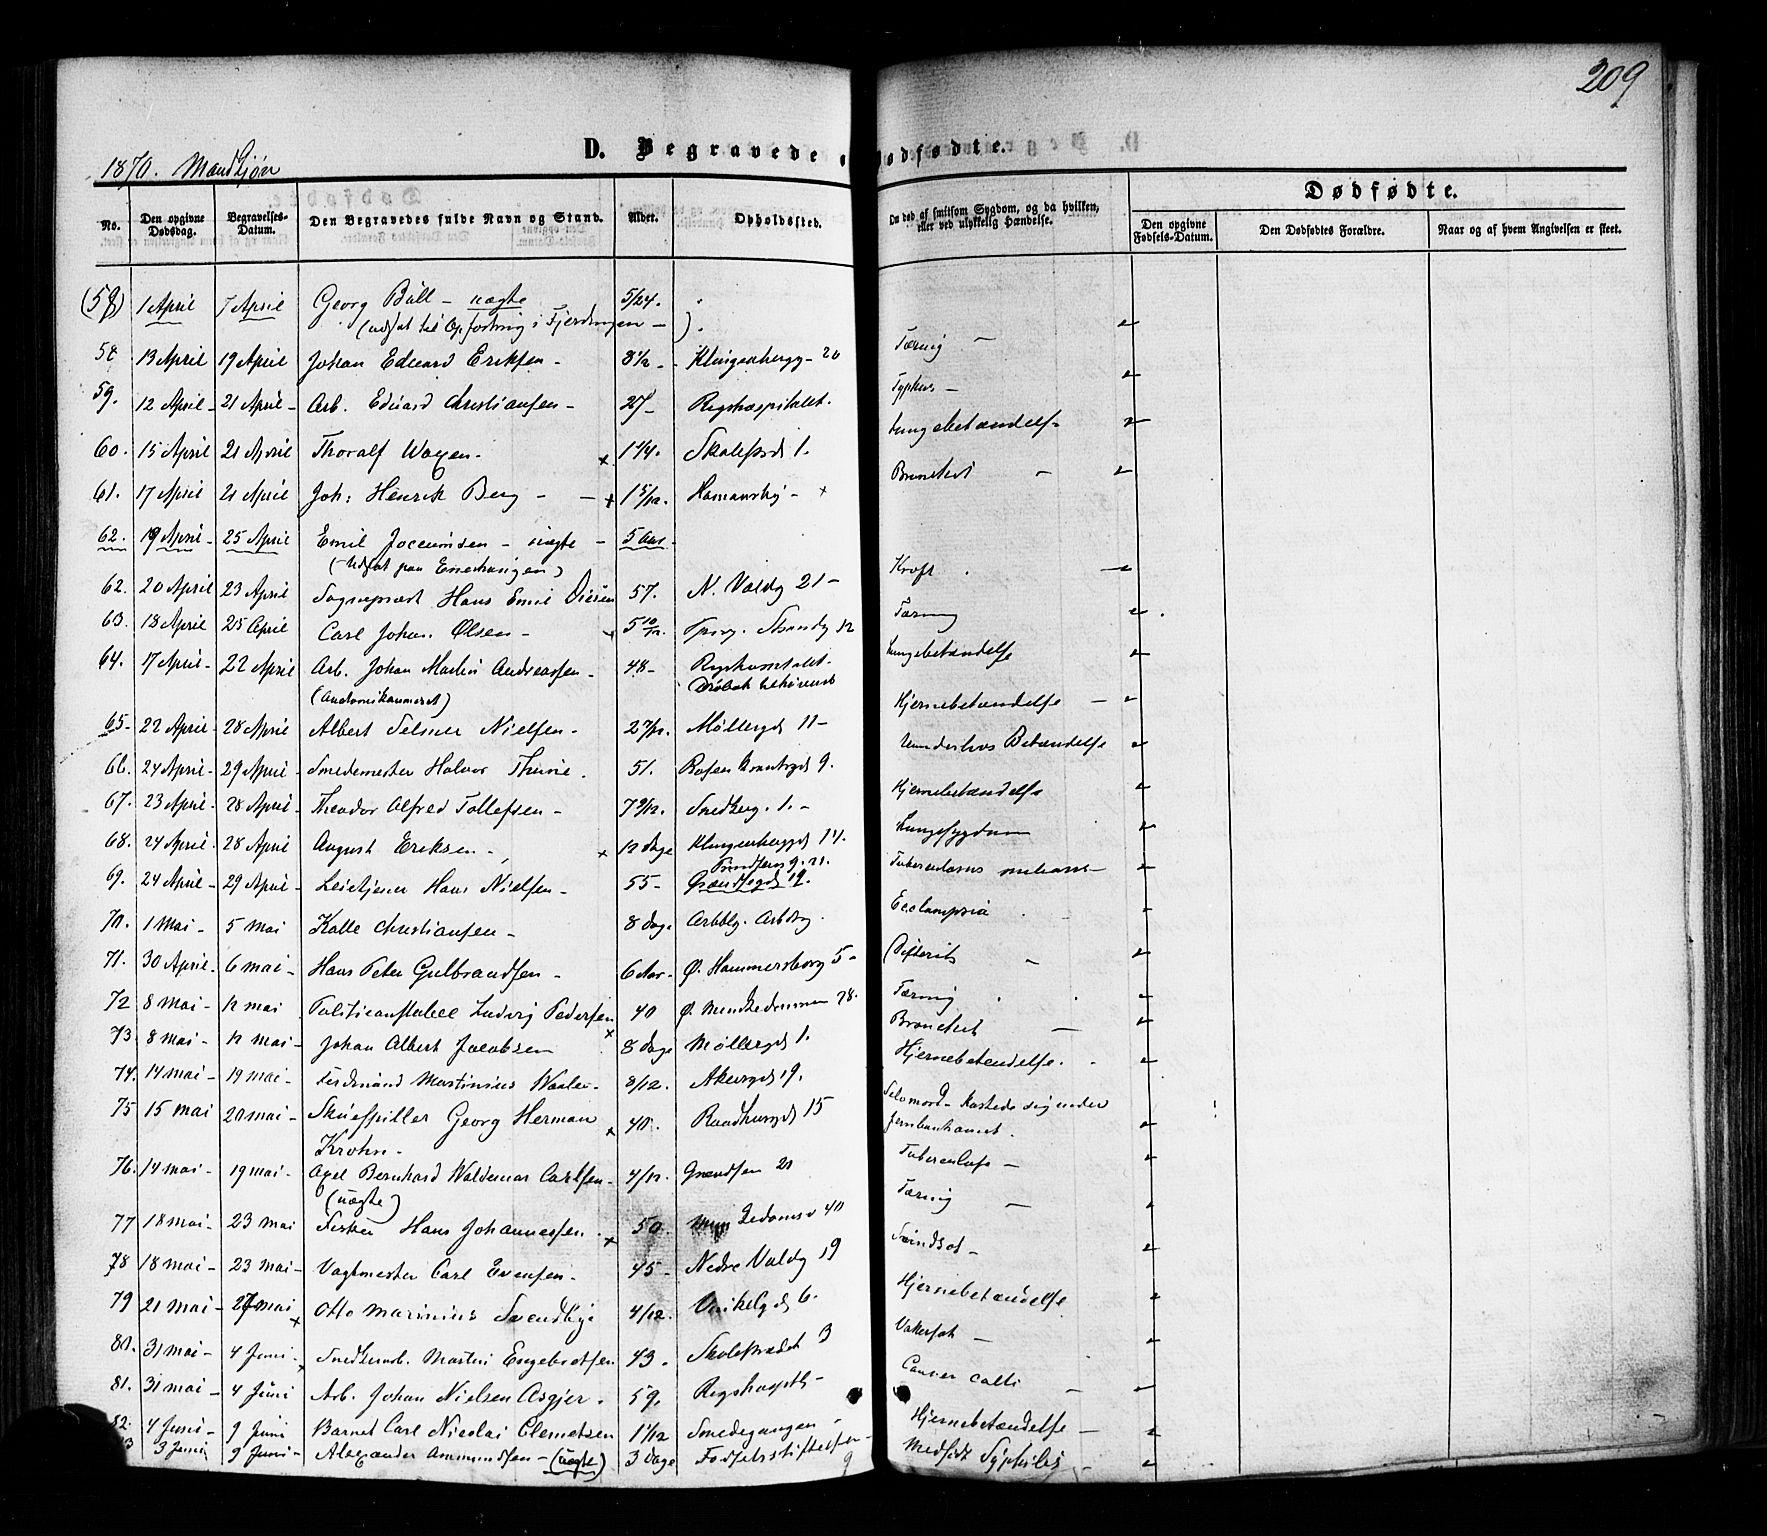 SAO, Trefoldighet prestekontor Kirkebøker, F/Fd/L0001: Ministerialbok nr. IV 1, 1858-1877, s. 209